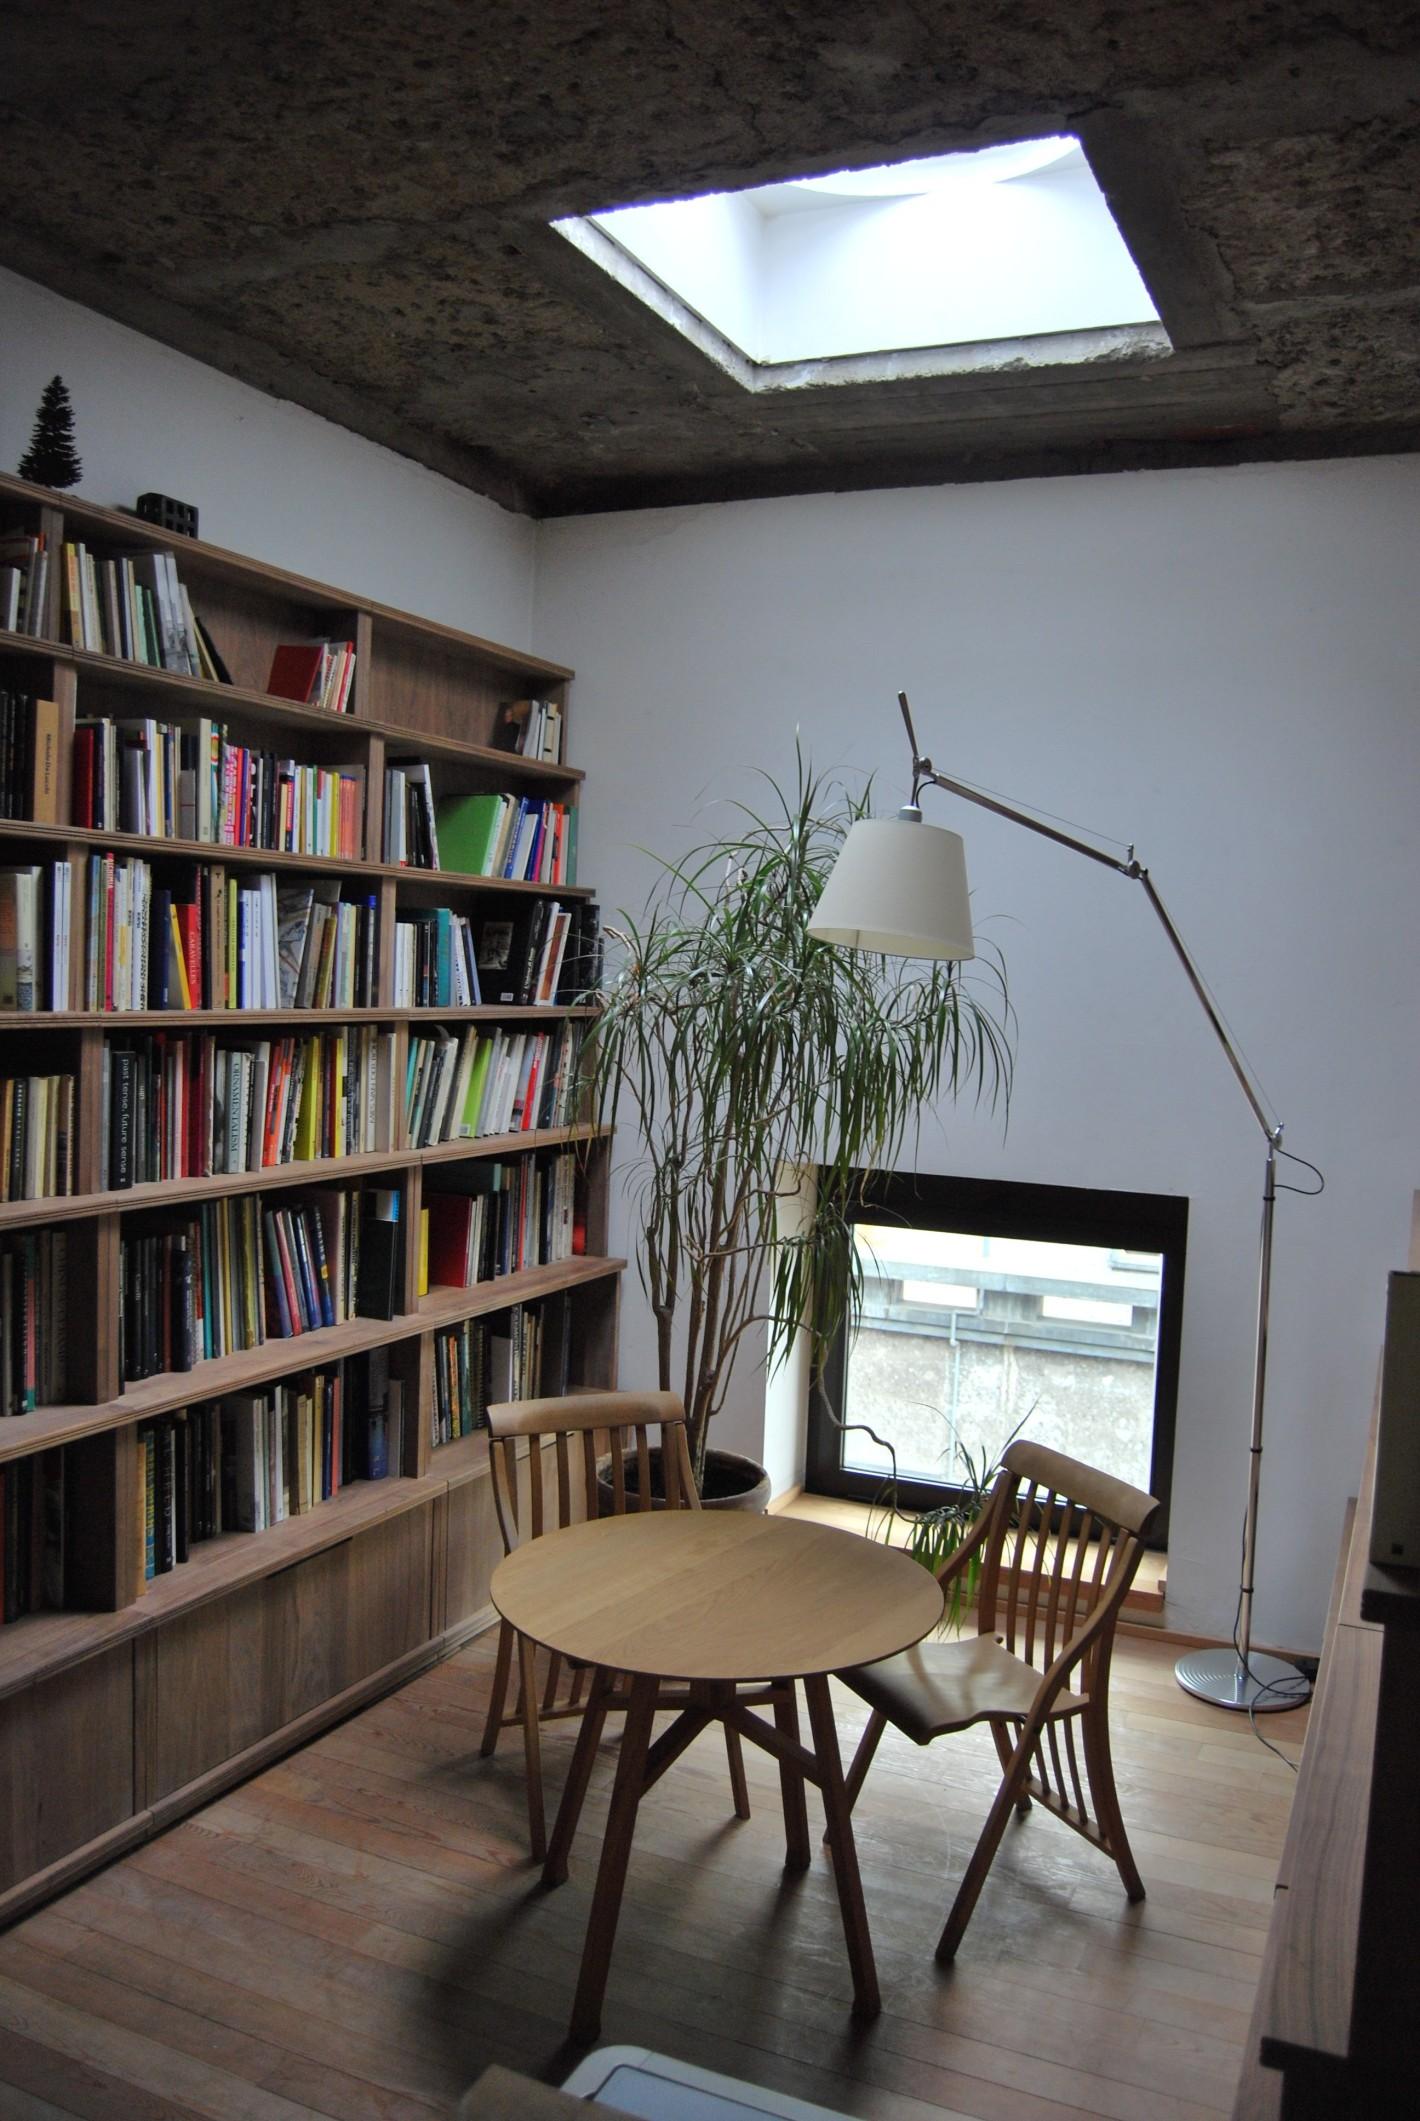 Forum illuminazione per soggiorno soffitto - Illuminazione per soggiorno ...